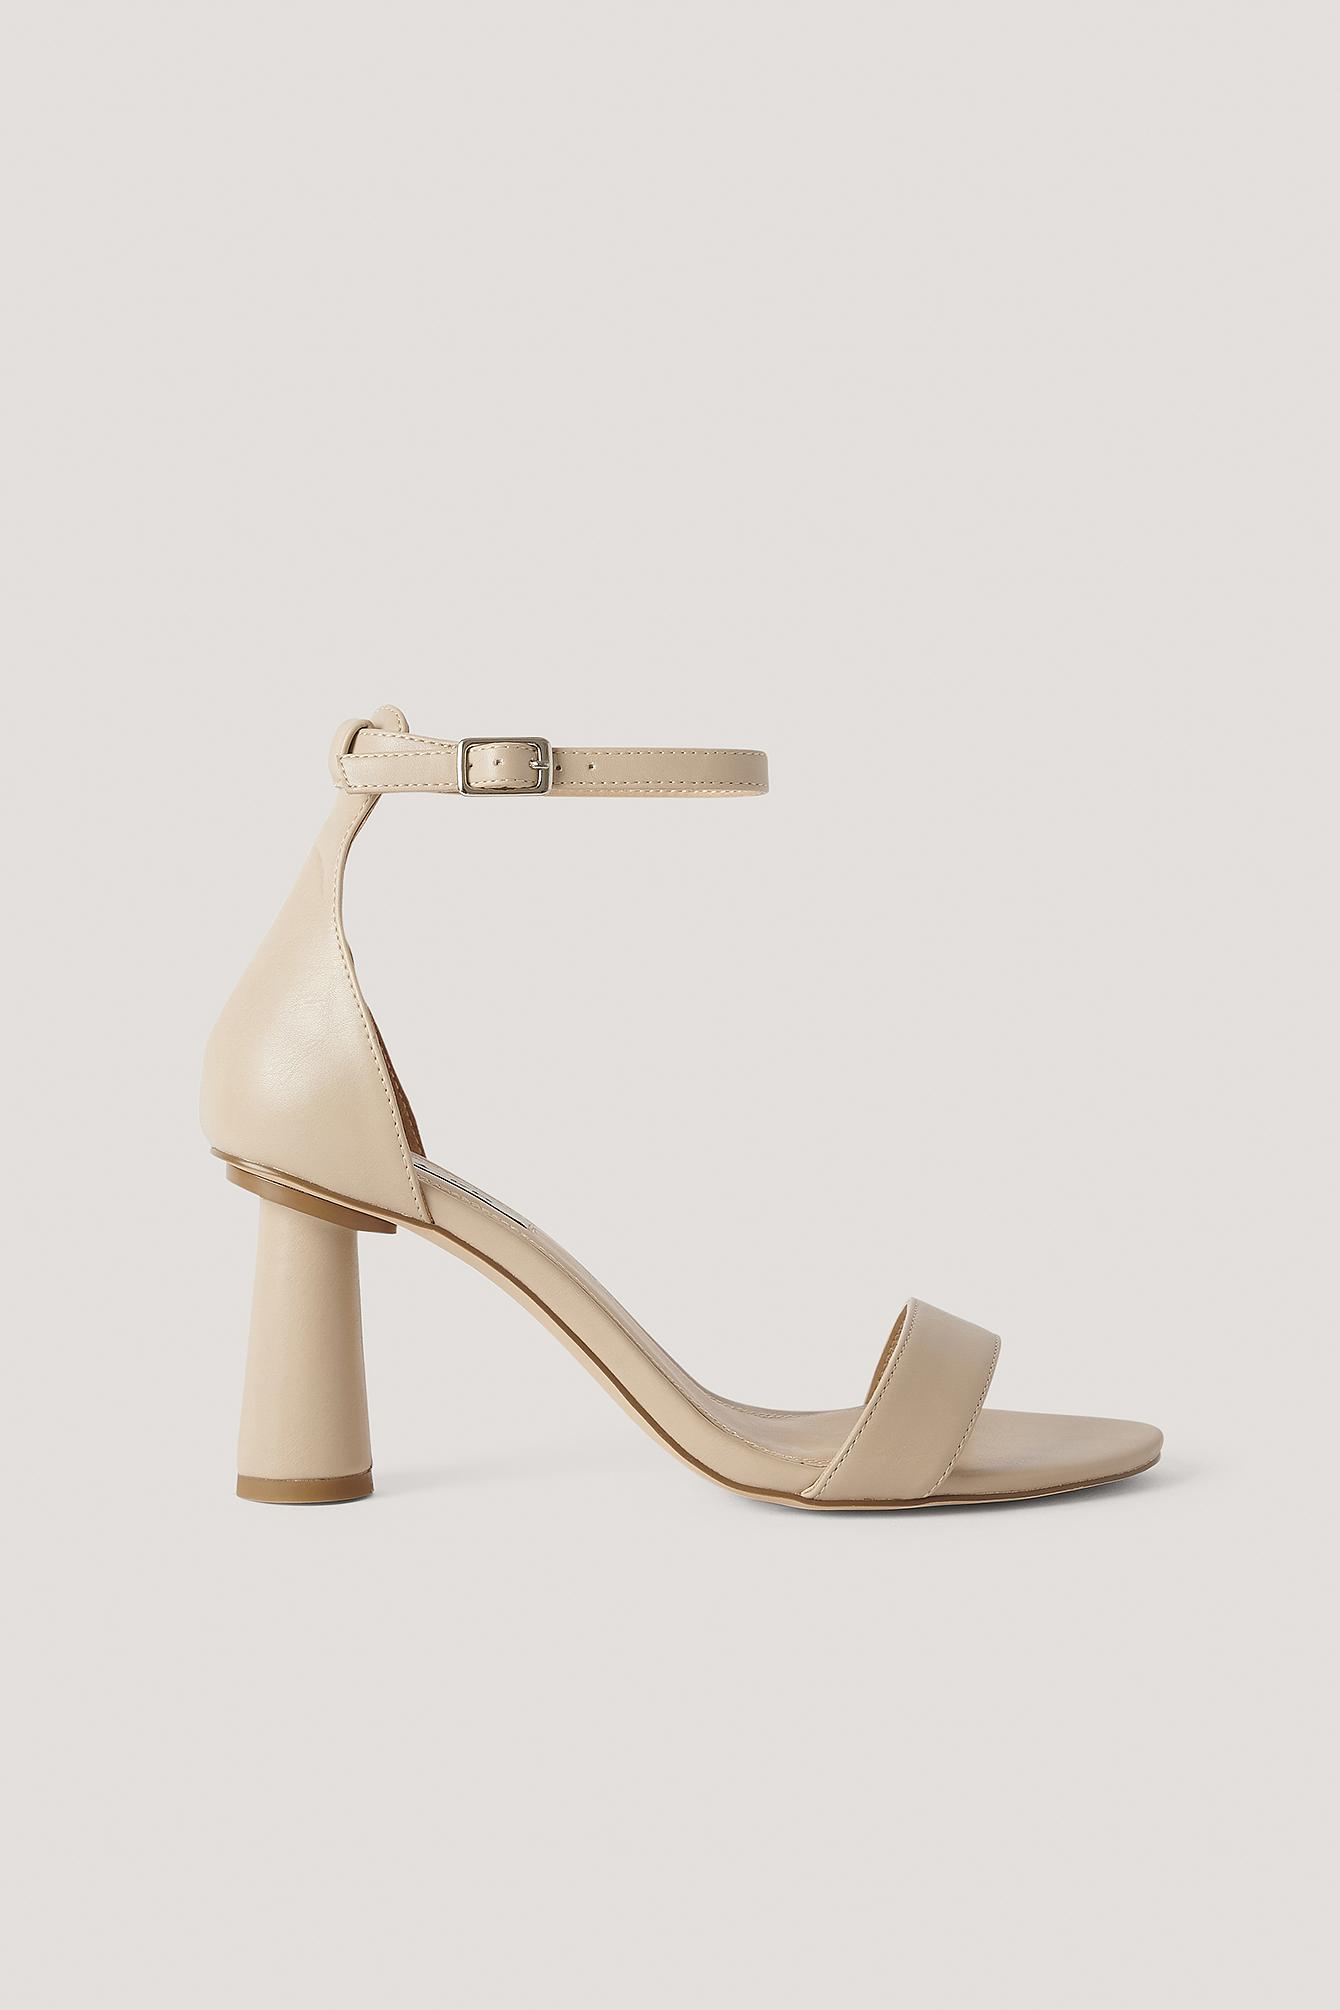 NA-KD Shoes Högklackade Skor Med Remmar - Beige